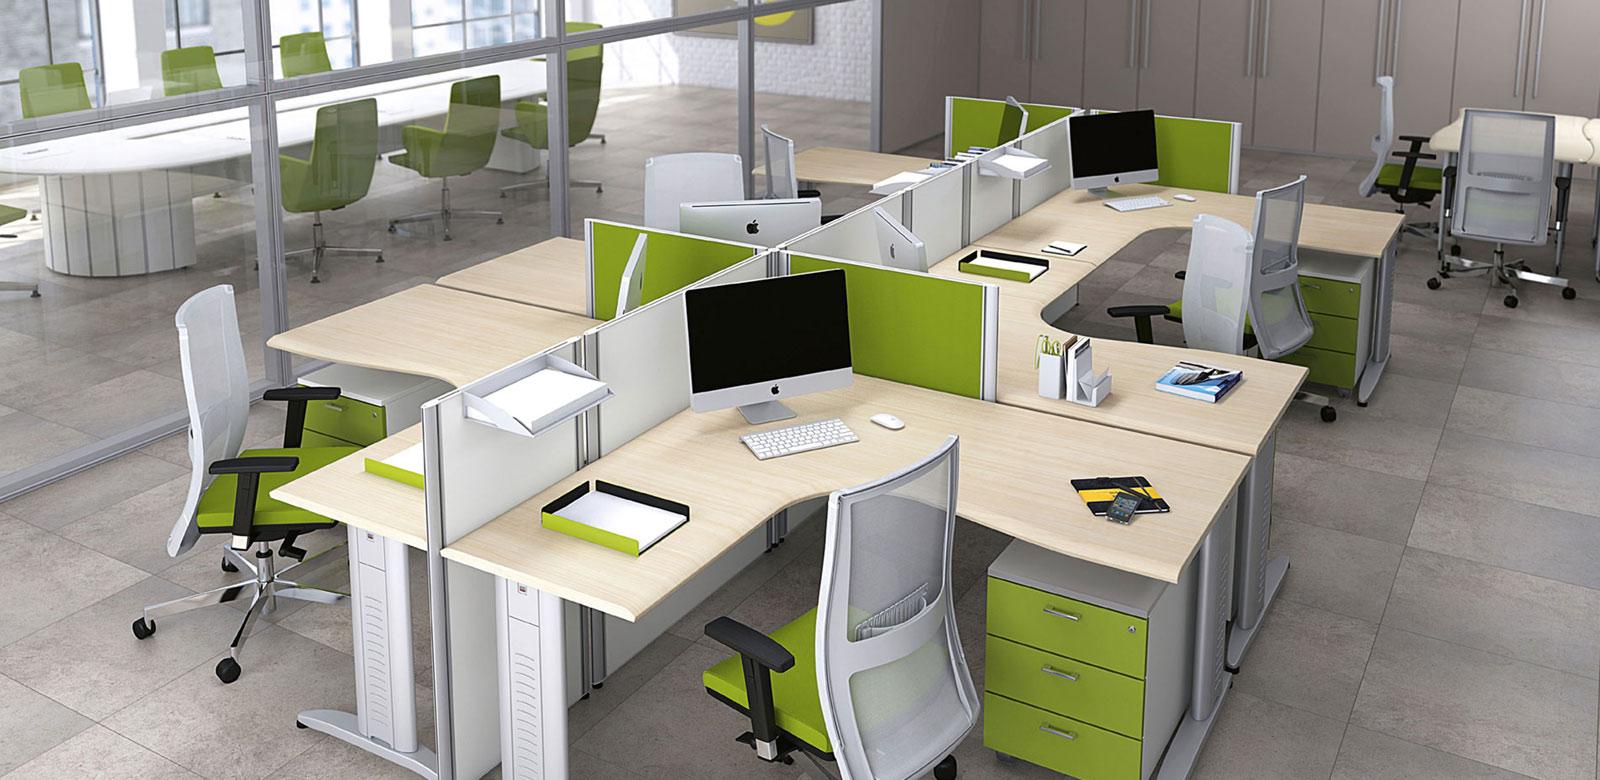 Arredo ufficio arredamento e mobili per ufficio su misura for Aziende mobili per ufficio